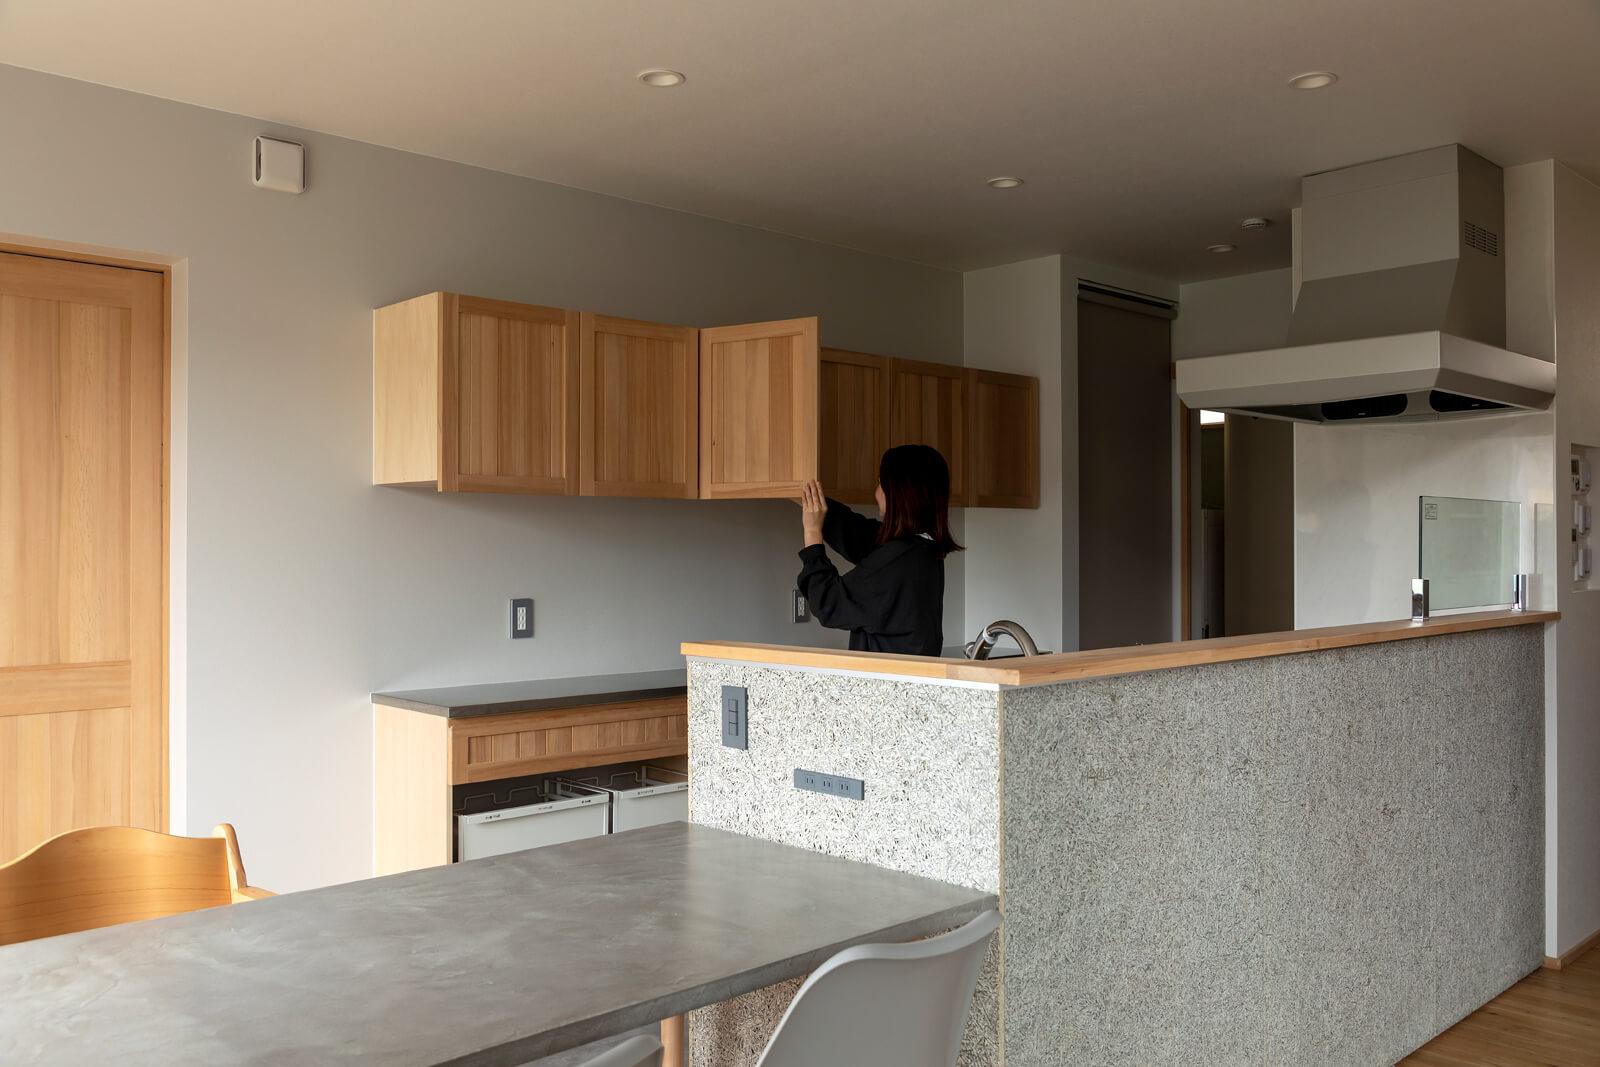 ミーレの大型食洗機や造作収納、グレーの木毛セメント板の腰板。使い勝手と好きなテイストで設えた奥さん自慢のキッチン